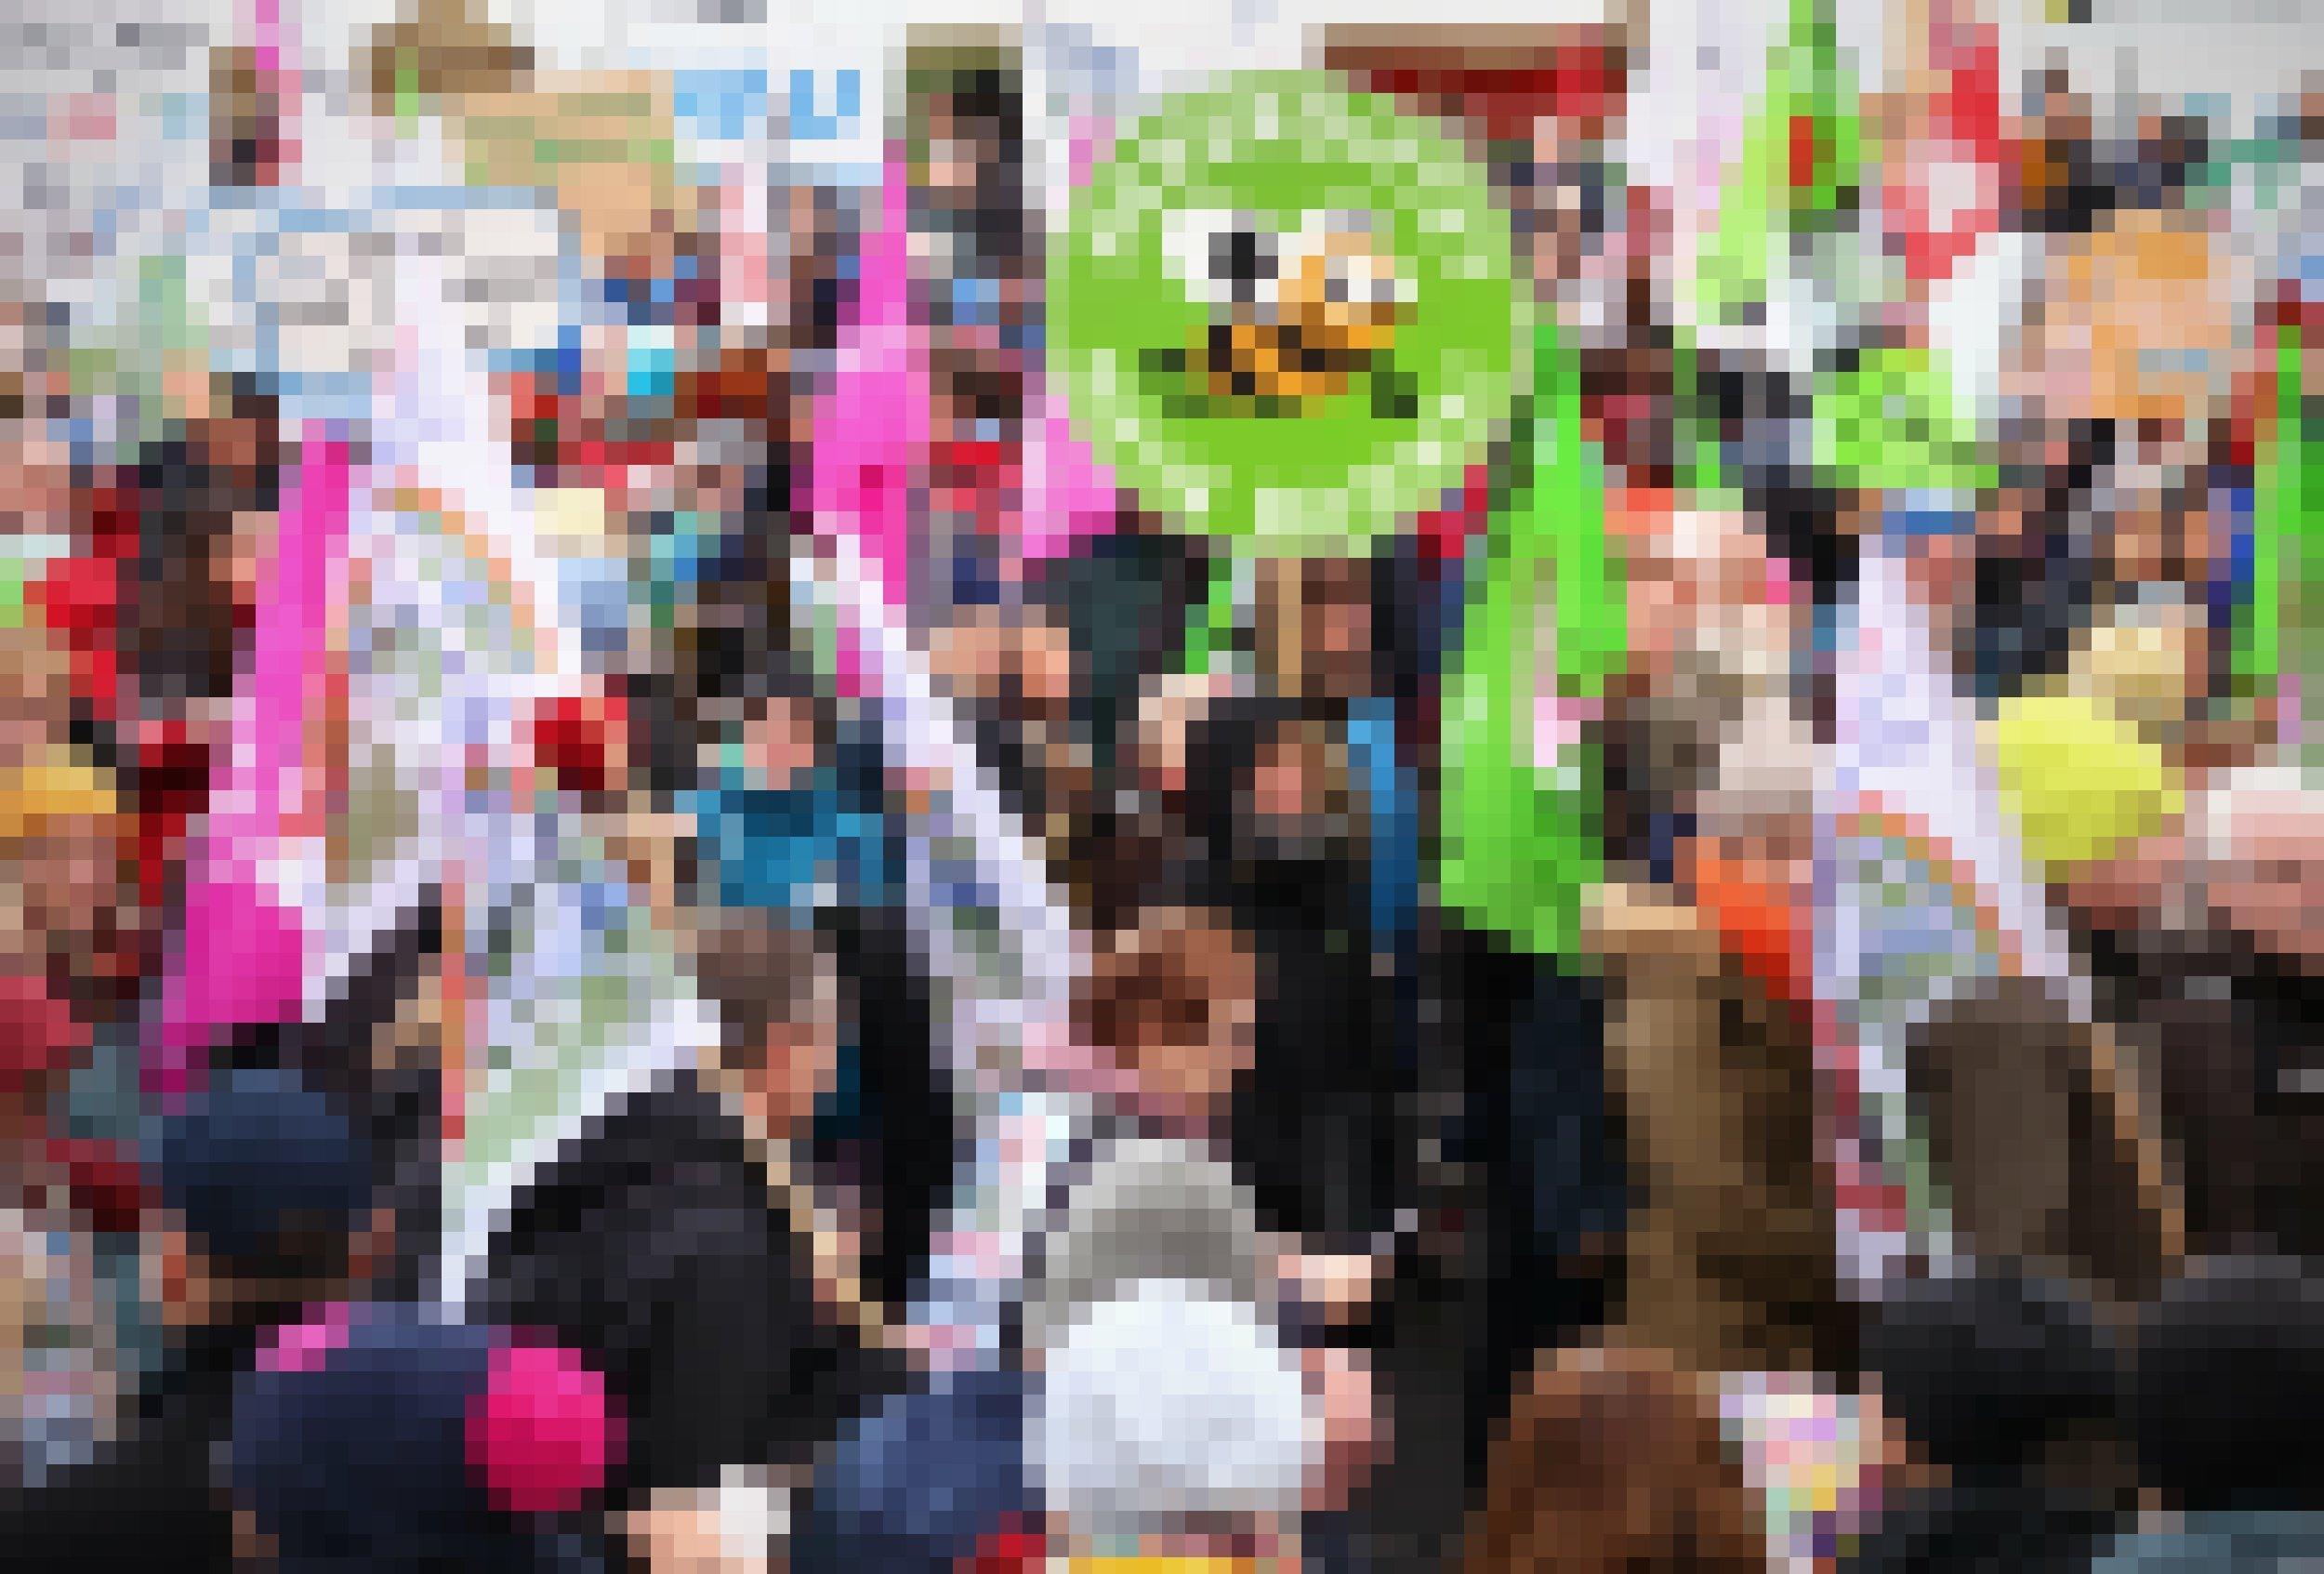 """18.01.2020. Berlin: Ein Schild mit der Aufschrift """"Ackergifte? Nein Danke!"""" wird bei einer Demonstration gegen die Agrarindustrie und die industrielle Landwirtschaft, zum Auftakt der Grünen Woche, hochgehalten. Die Demonstranten forderten eine Wende in der Landwirtschaft mit weniger Einsatz von Herbiziden, Pestiziden, Dünger, und Antibiotika, sowie eine artgerechte Tierhaltung."""